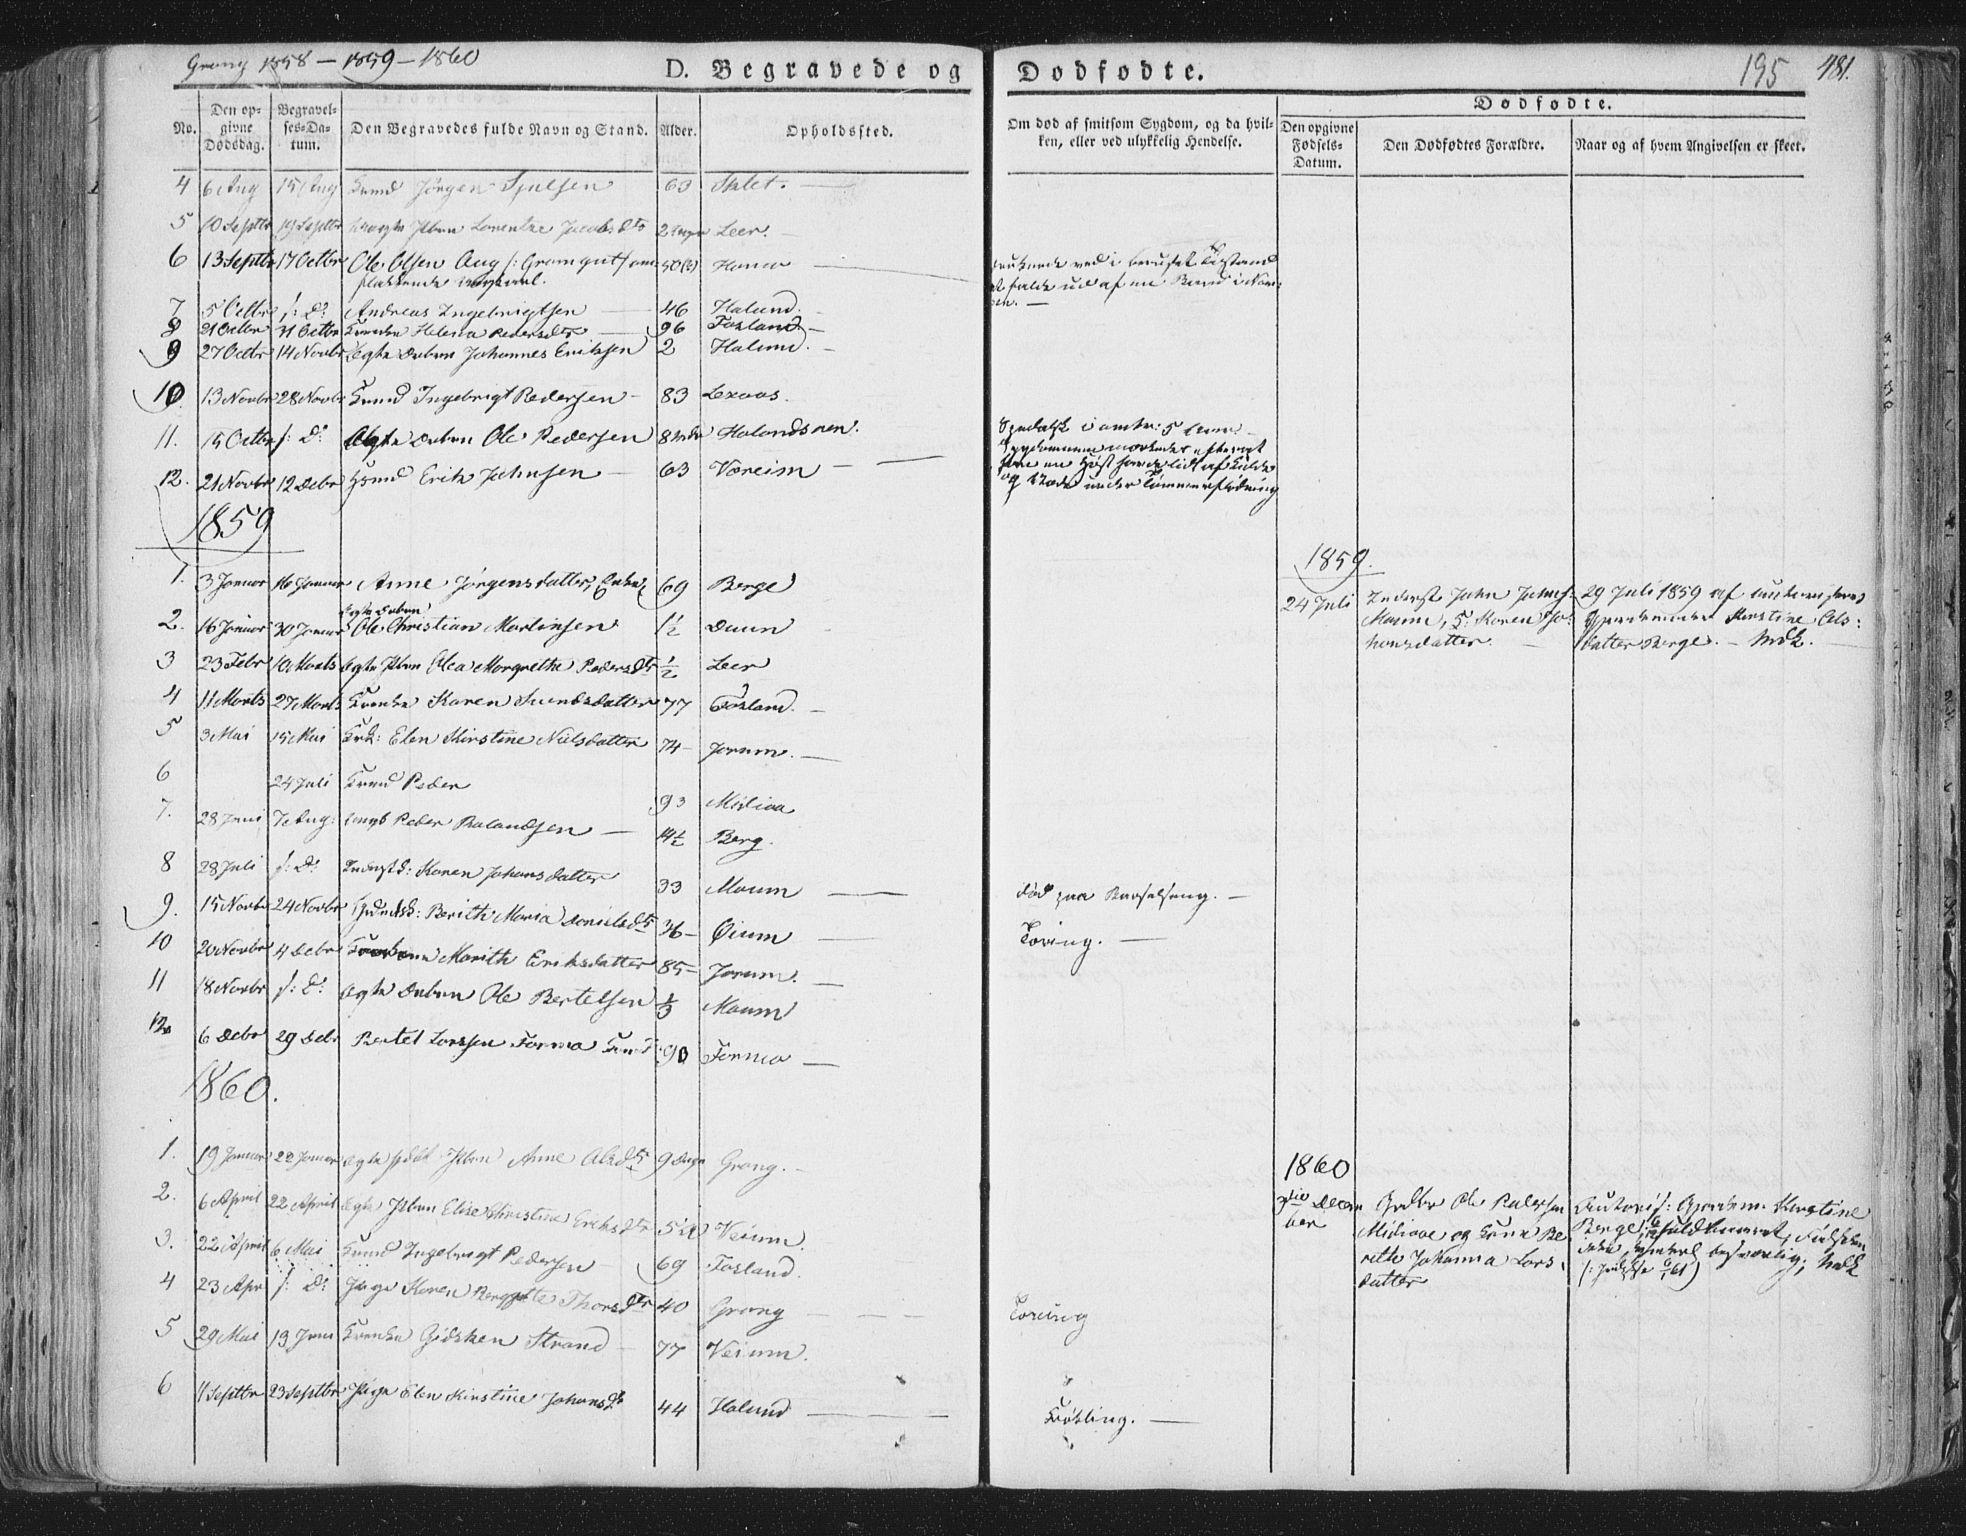 SAT, Ministerialprotokoller, klokkerbøker og fødselsregistre - Nord-Trøndelag, 758/L0513: Ministerialbok nr. 758A02 /1, 1839-1868, s. 195